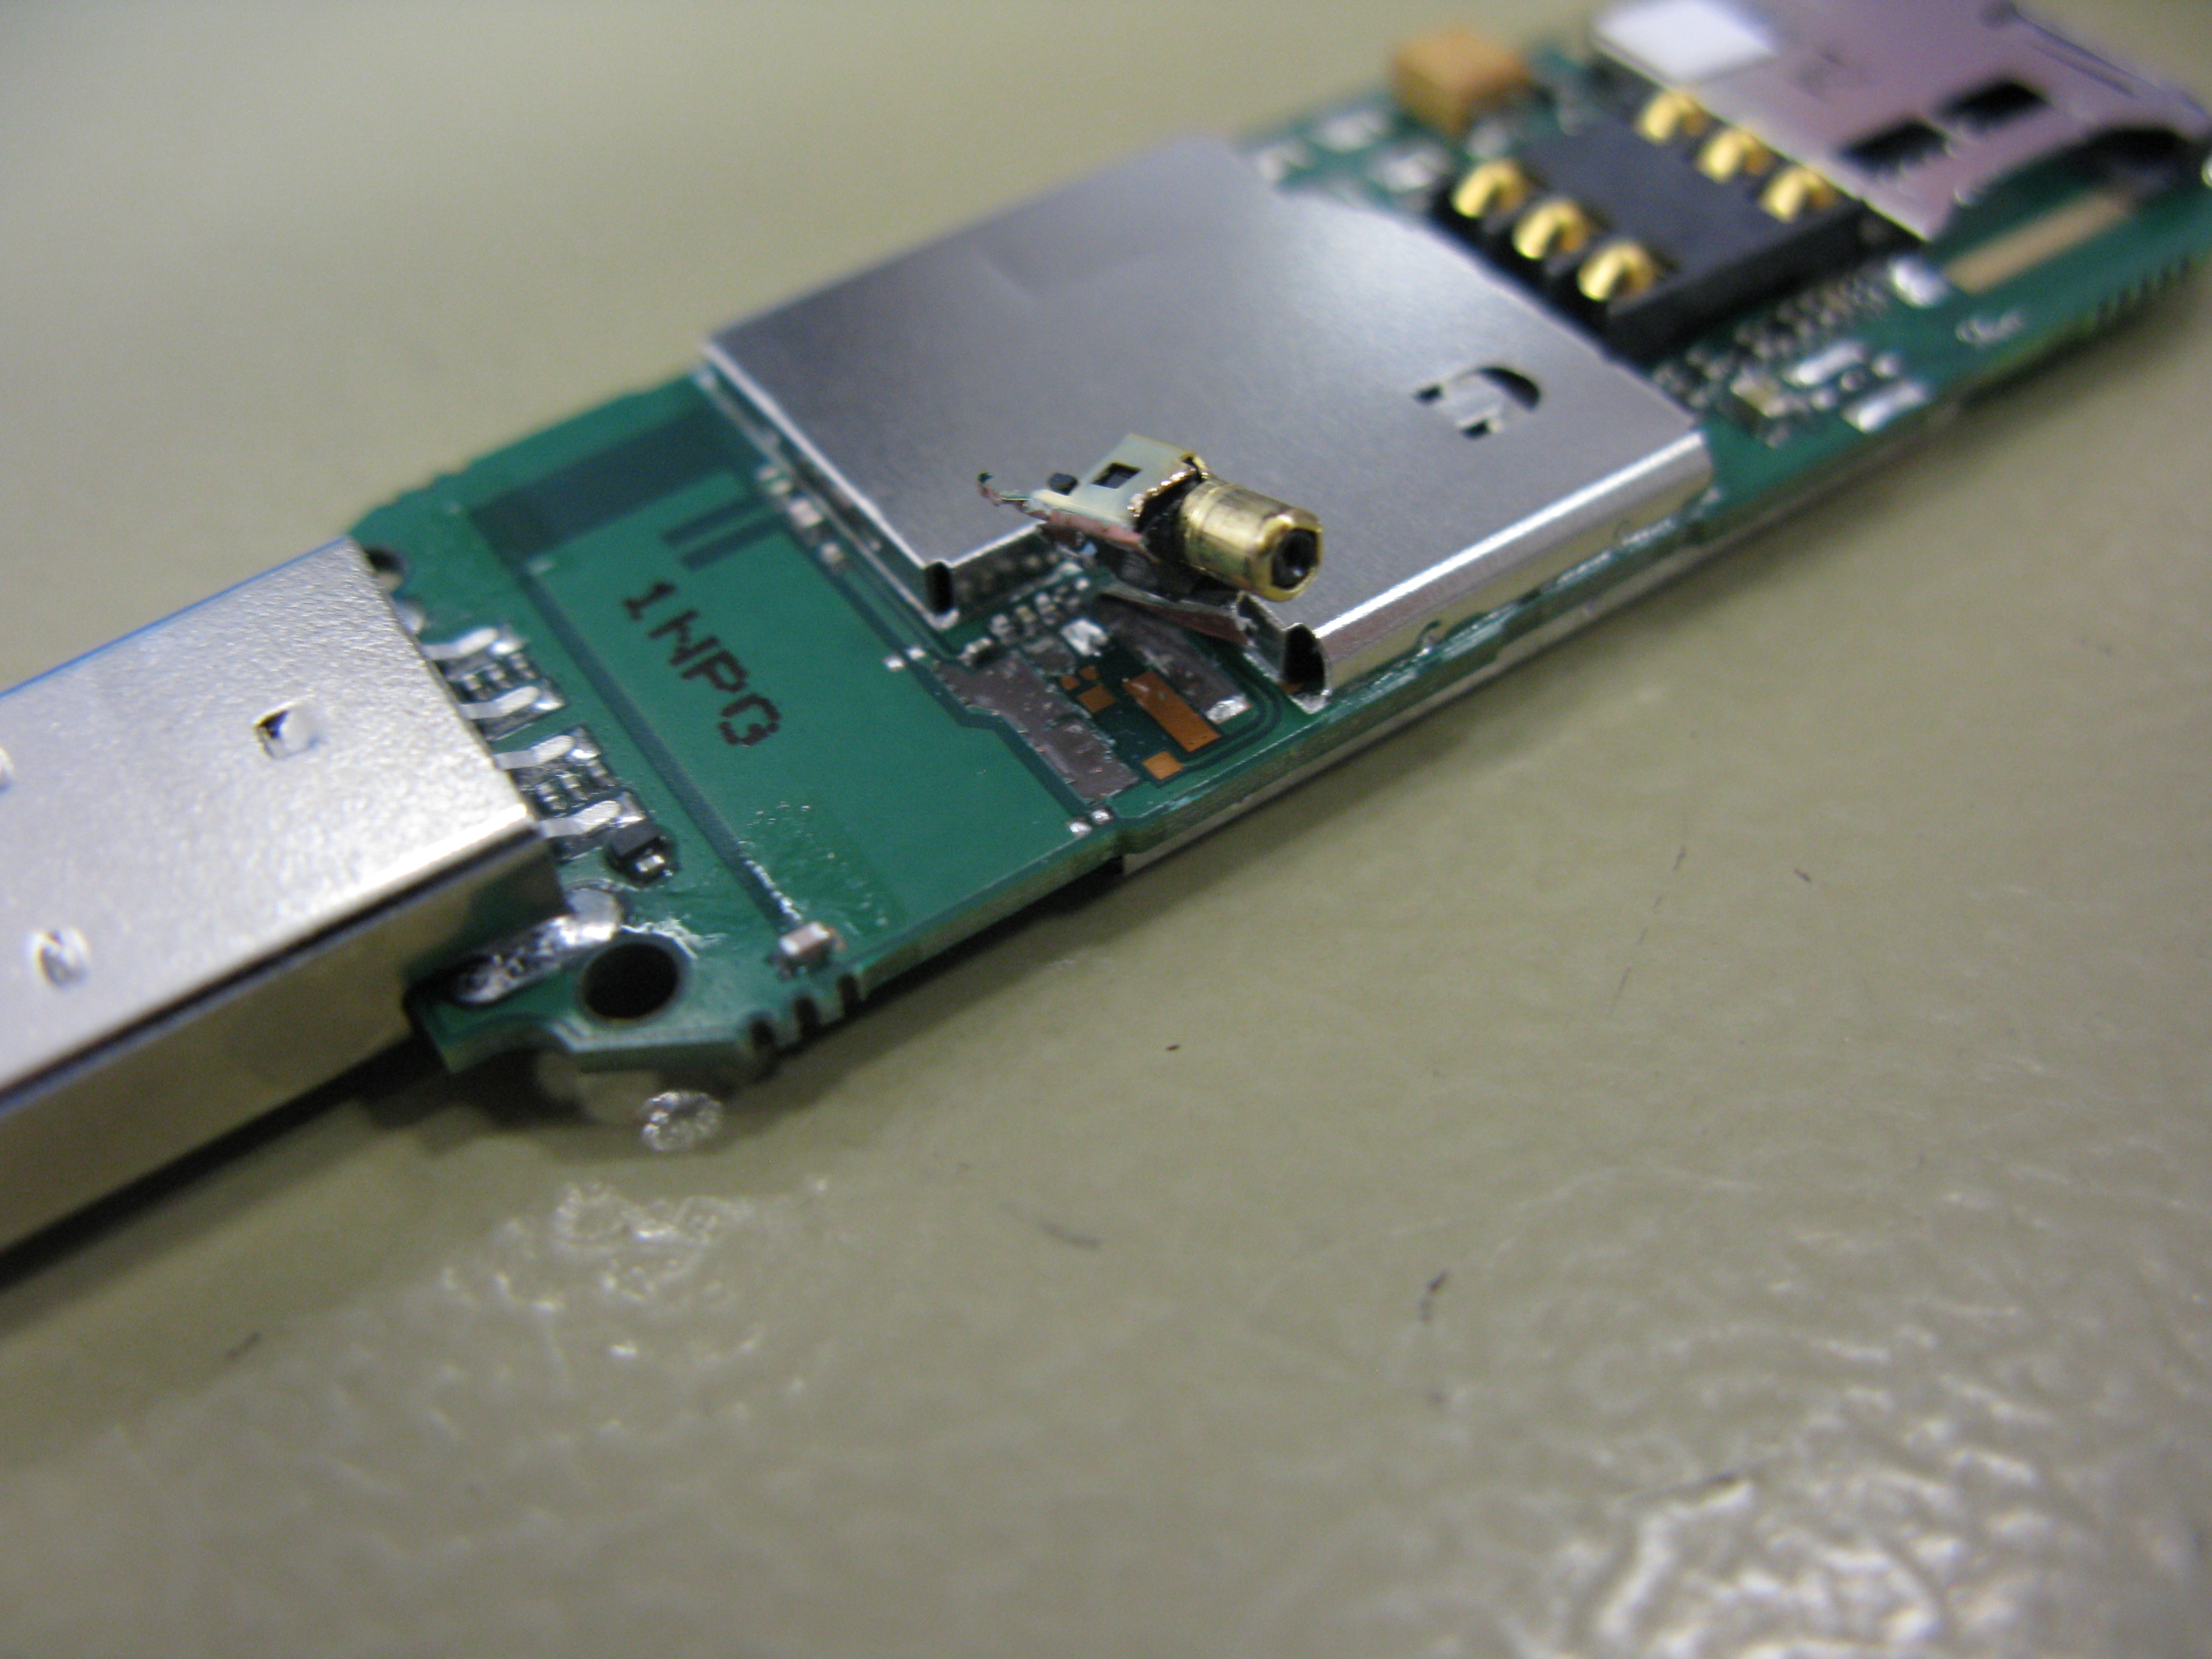 Huawei e3131 - wyrwane gniazdo w okolicy zl�cza RF